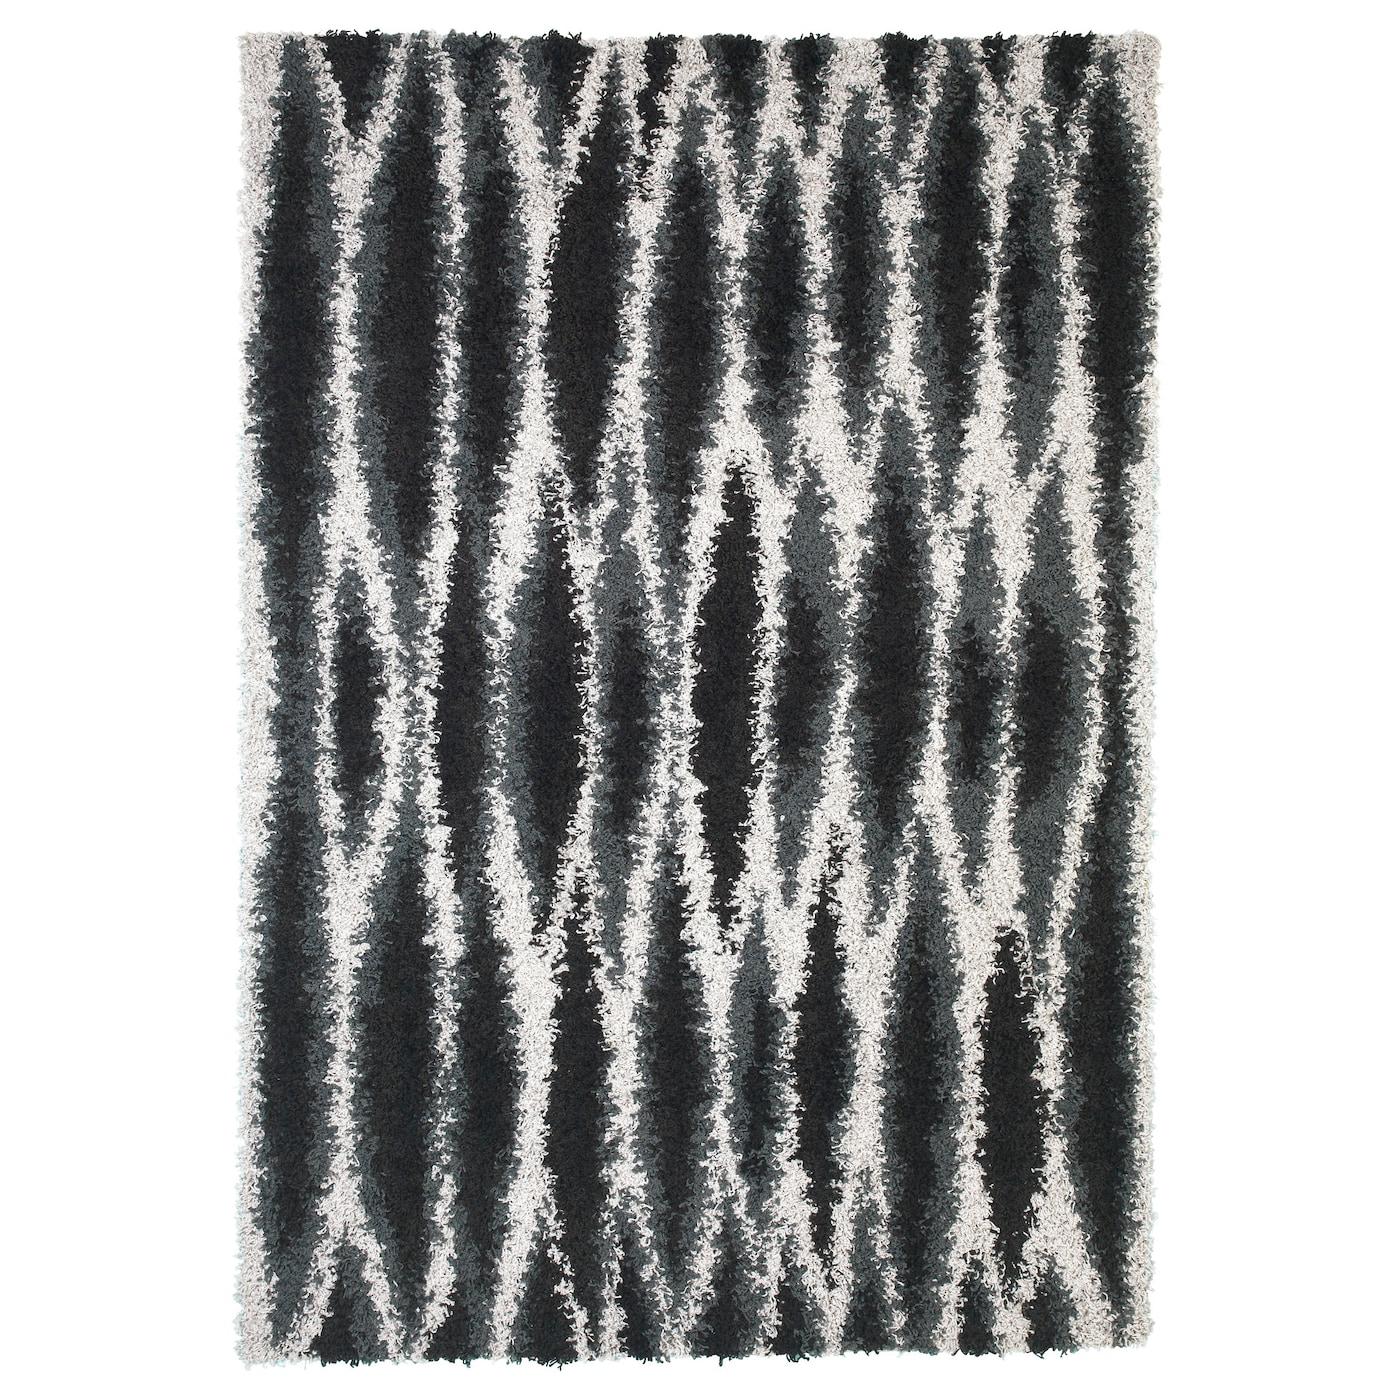 Black And White Extra Large Rug: Large Rugs & Extra Large Rugs